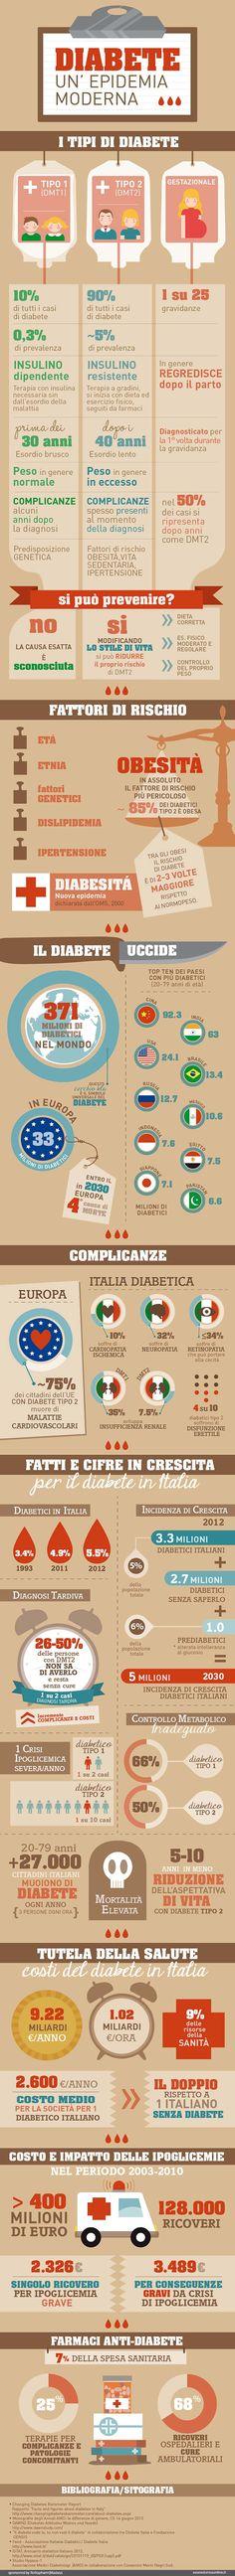 14 novembre Giornata mondiale del Diabete - Infografica di Esseredonnaonline